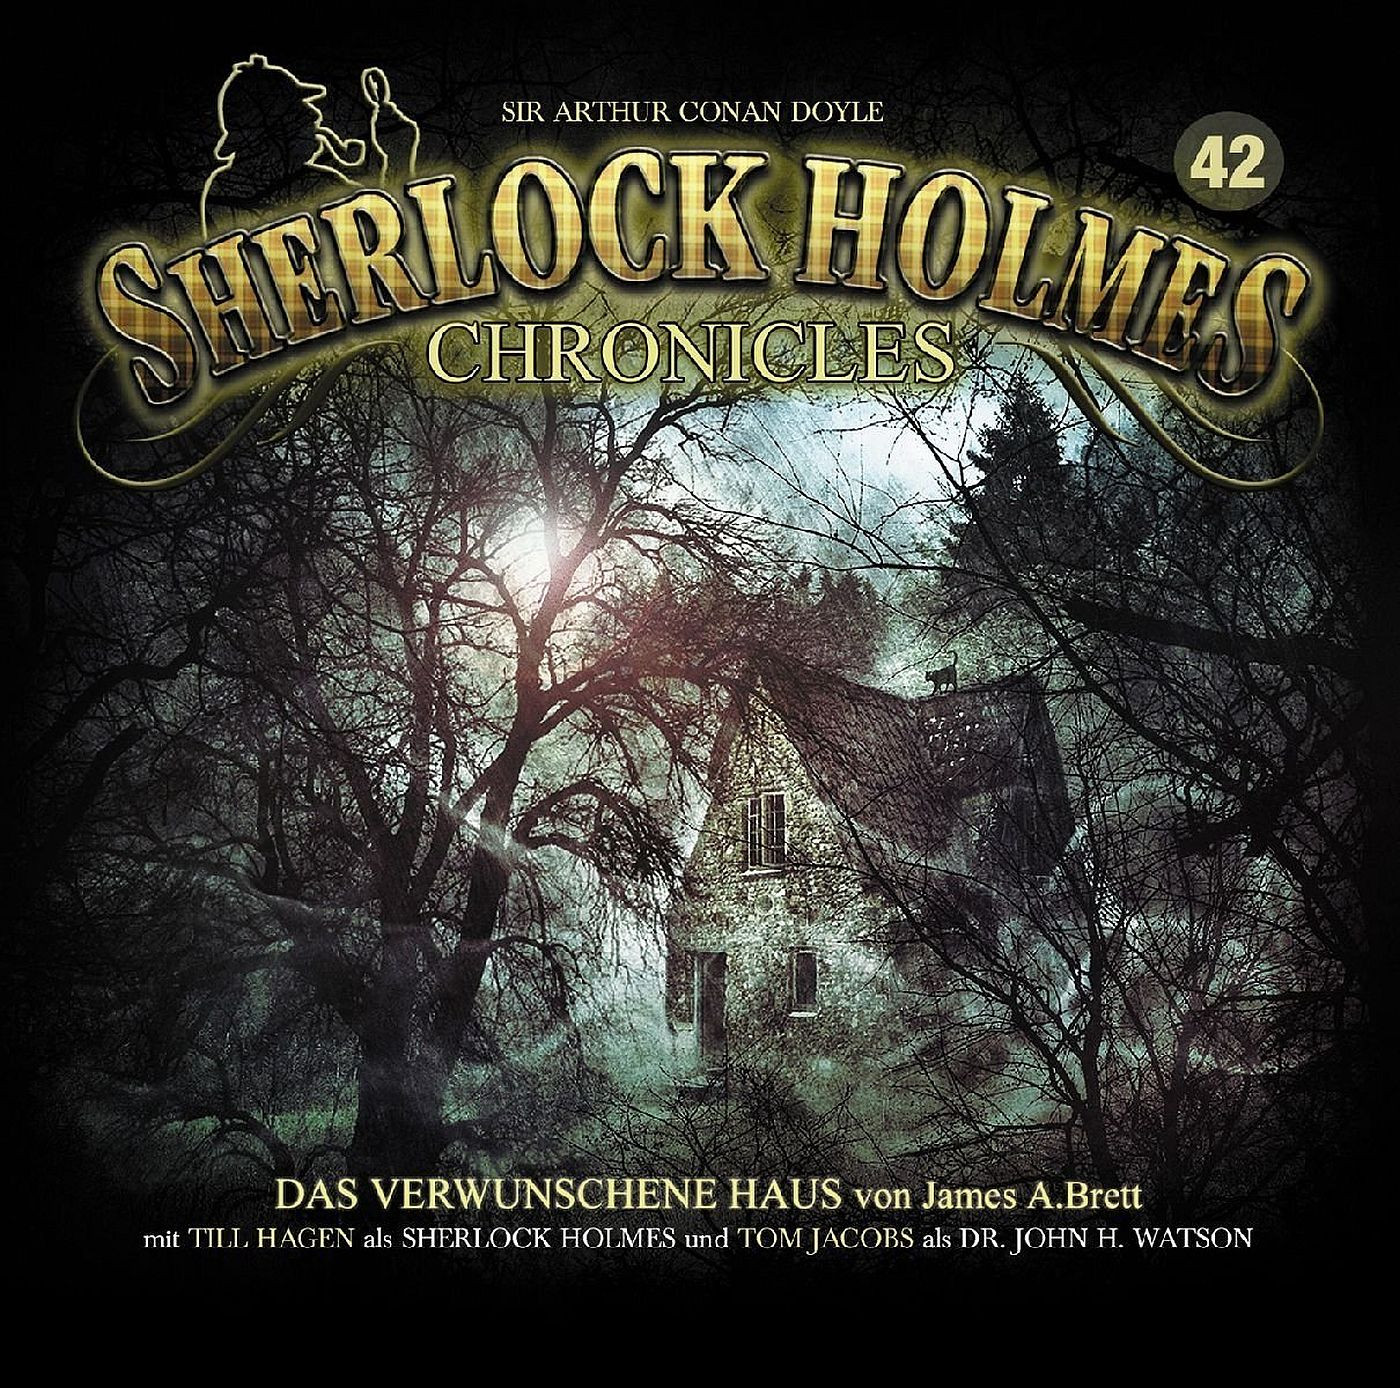 Sherlock Holmes Chronicles 42 Das verwunschene Haus